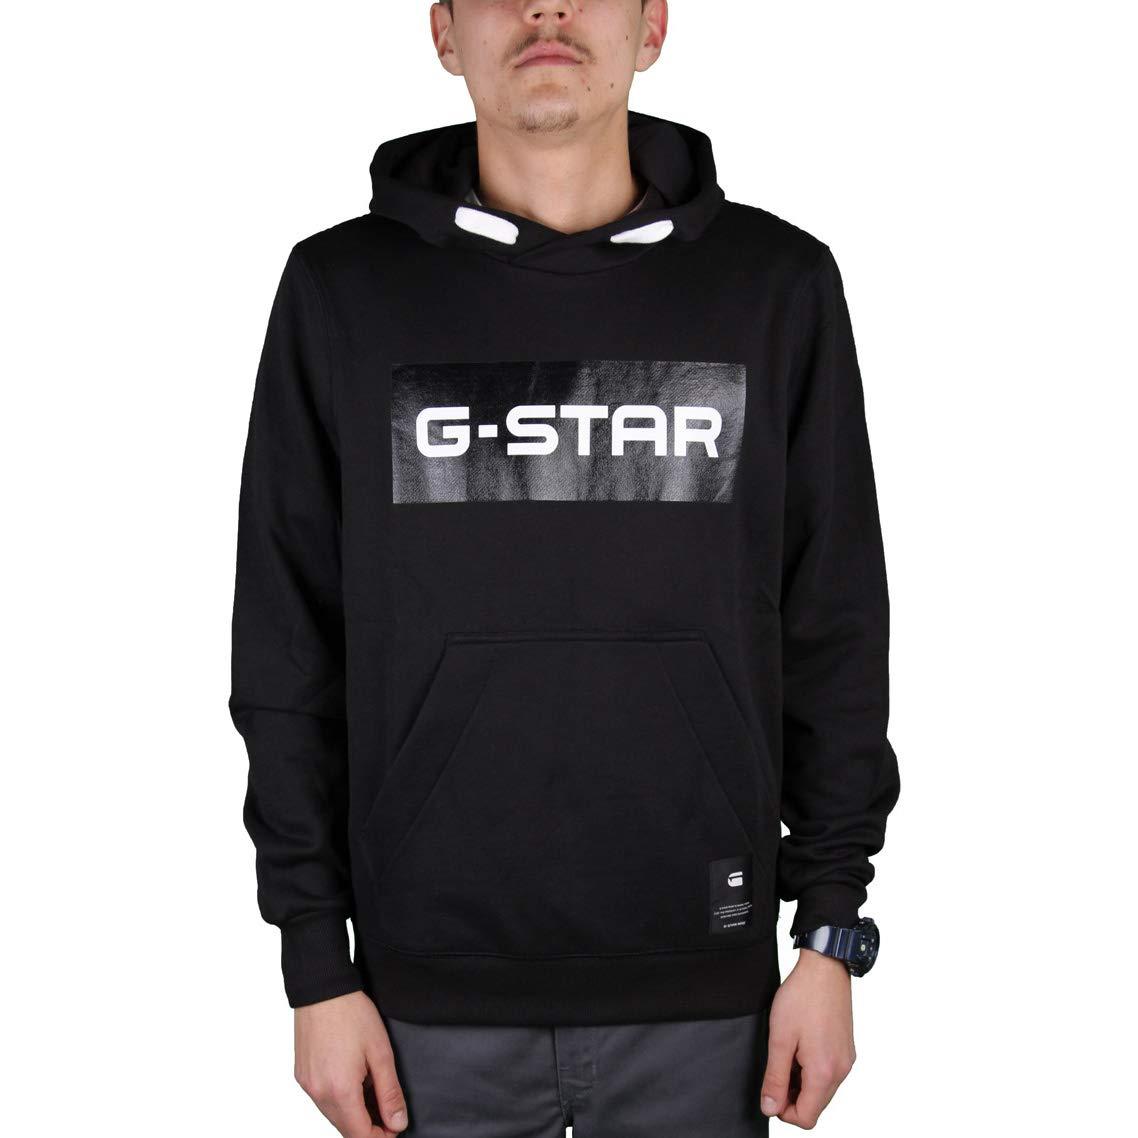 Shirt Manches Longues Noir Et À Accessoires Raw Homme Star Large G Logo Vêtements Xx Sweat qTwtFRY